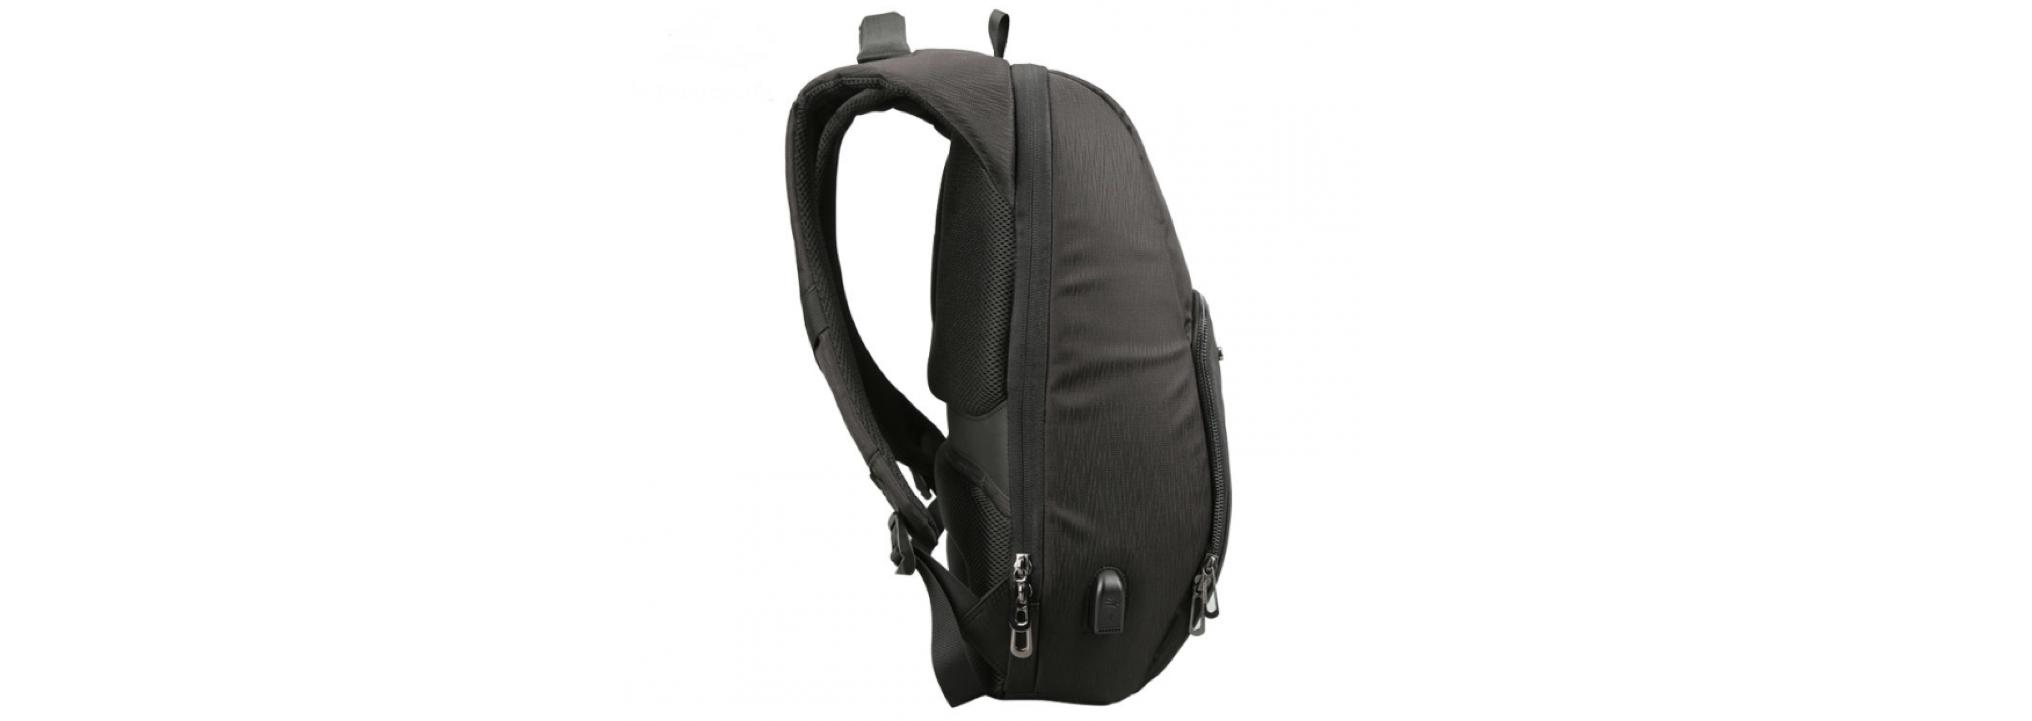 b8560006a3b2 15-дюймовый компьютер уверенно себя чувствует в специальном защищённом  отделении, а сам рюкзак может похвастаться эффектным сдержанным ...